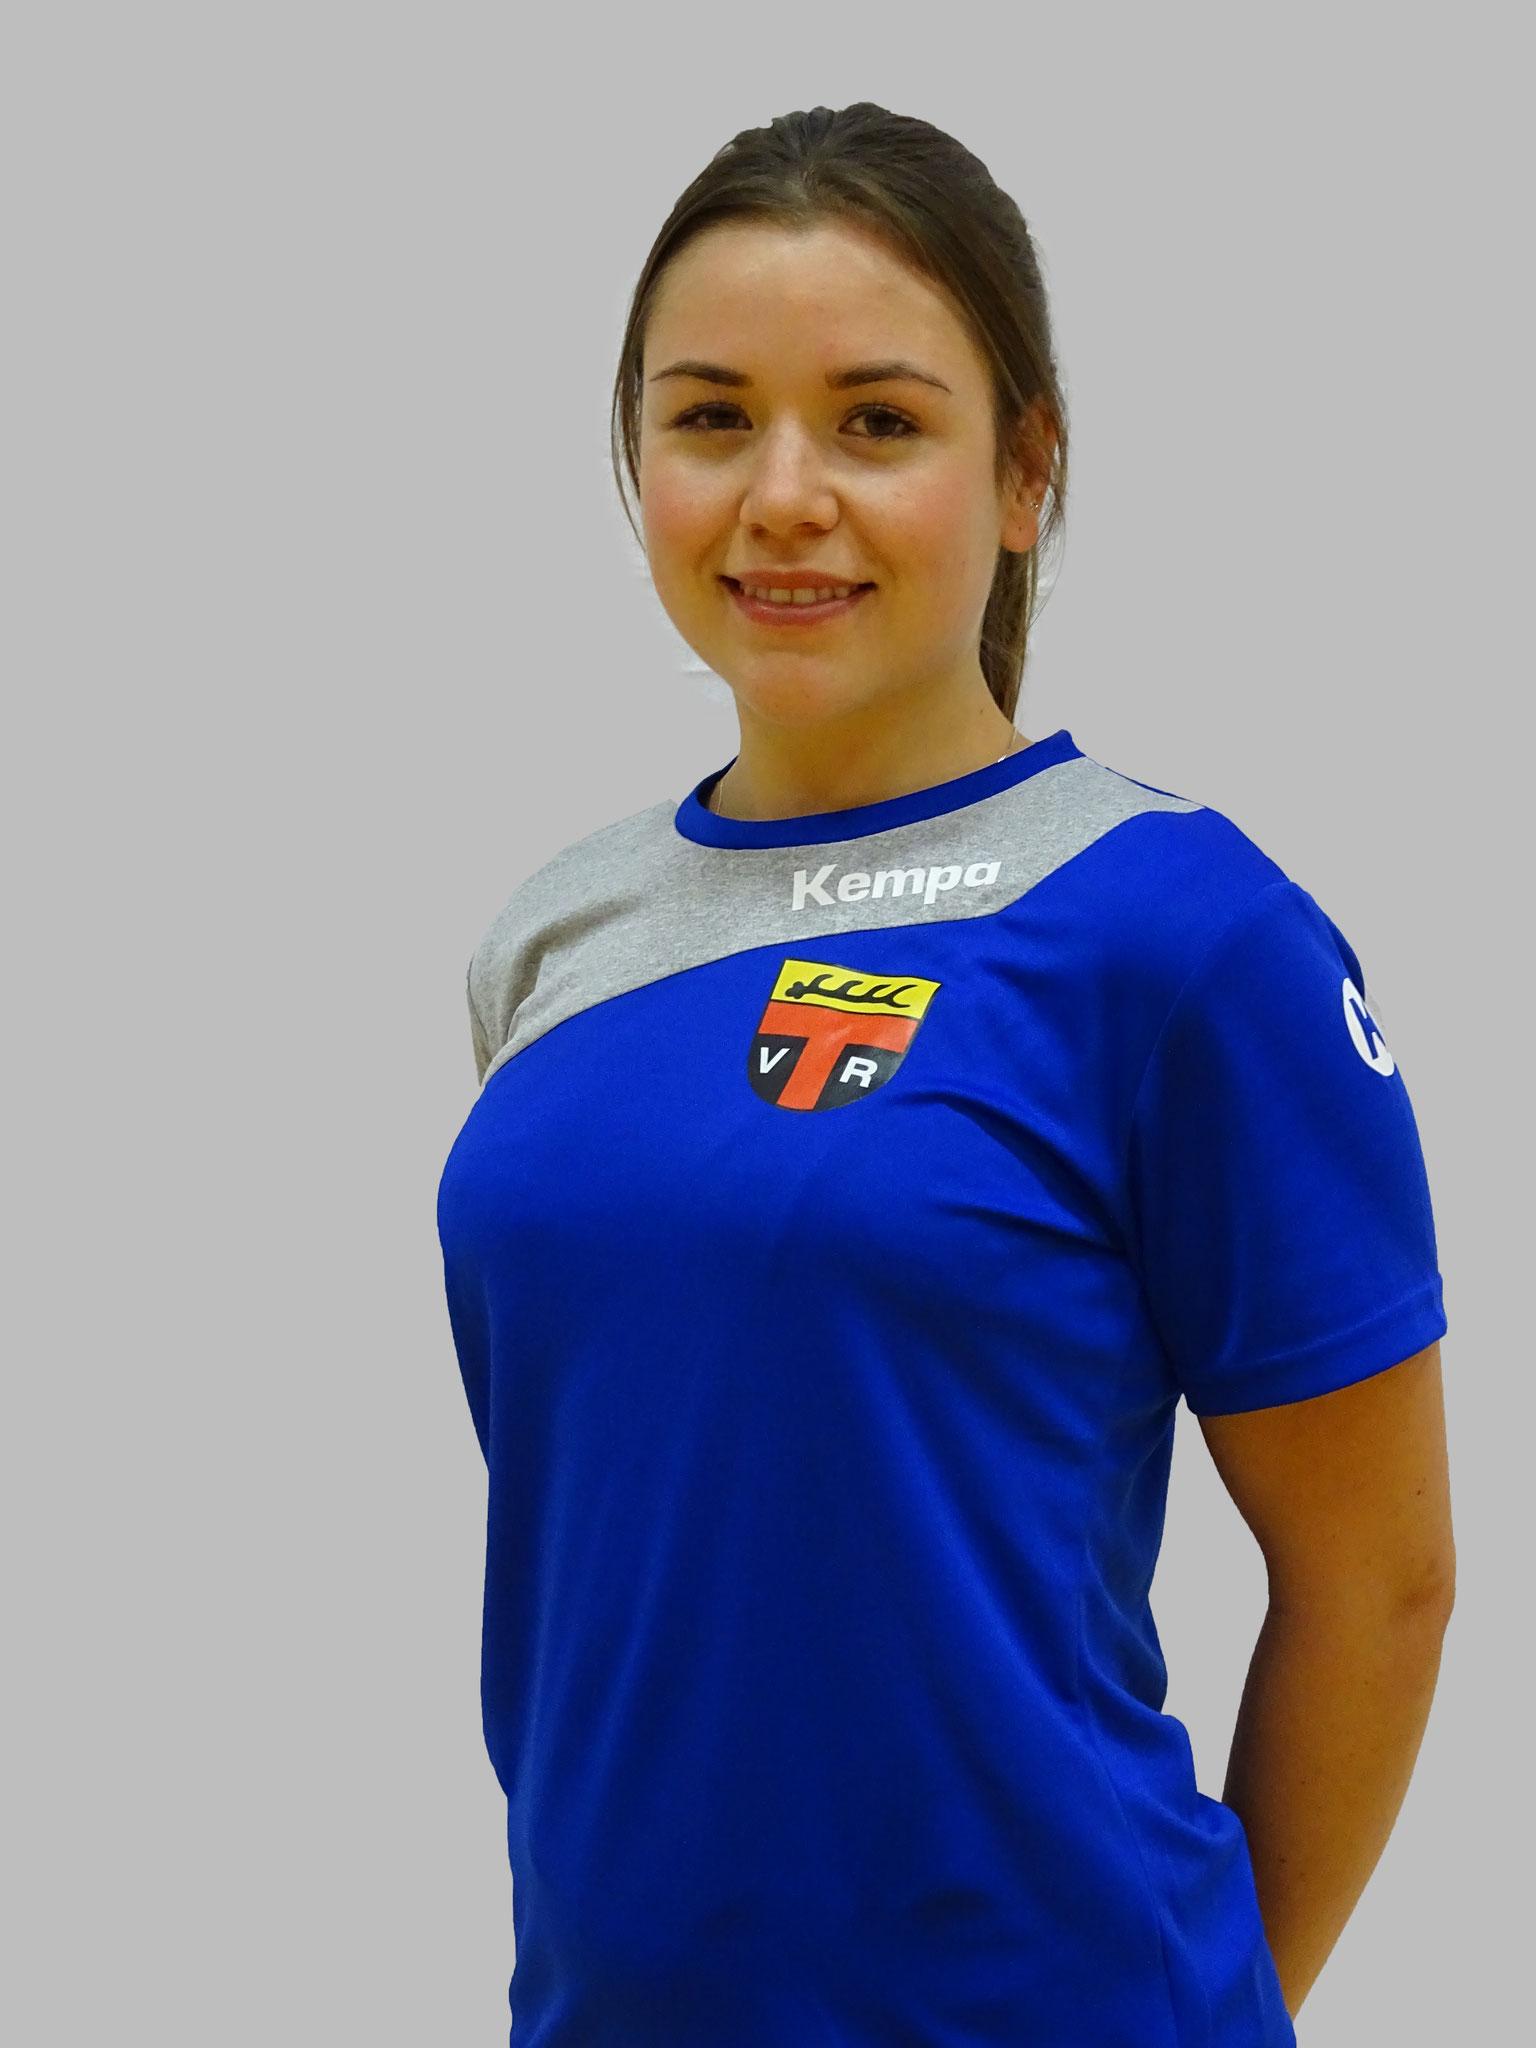 Lisa Leitzbach